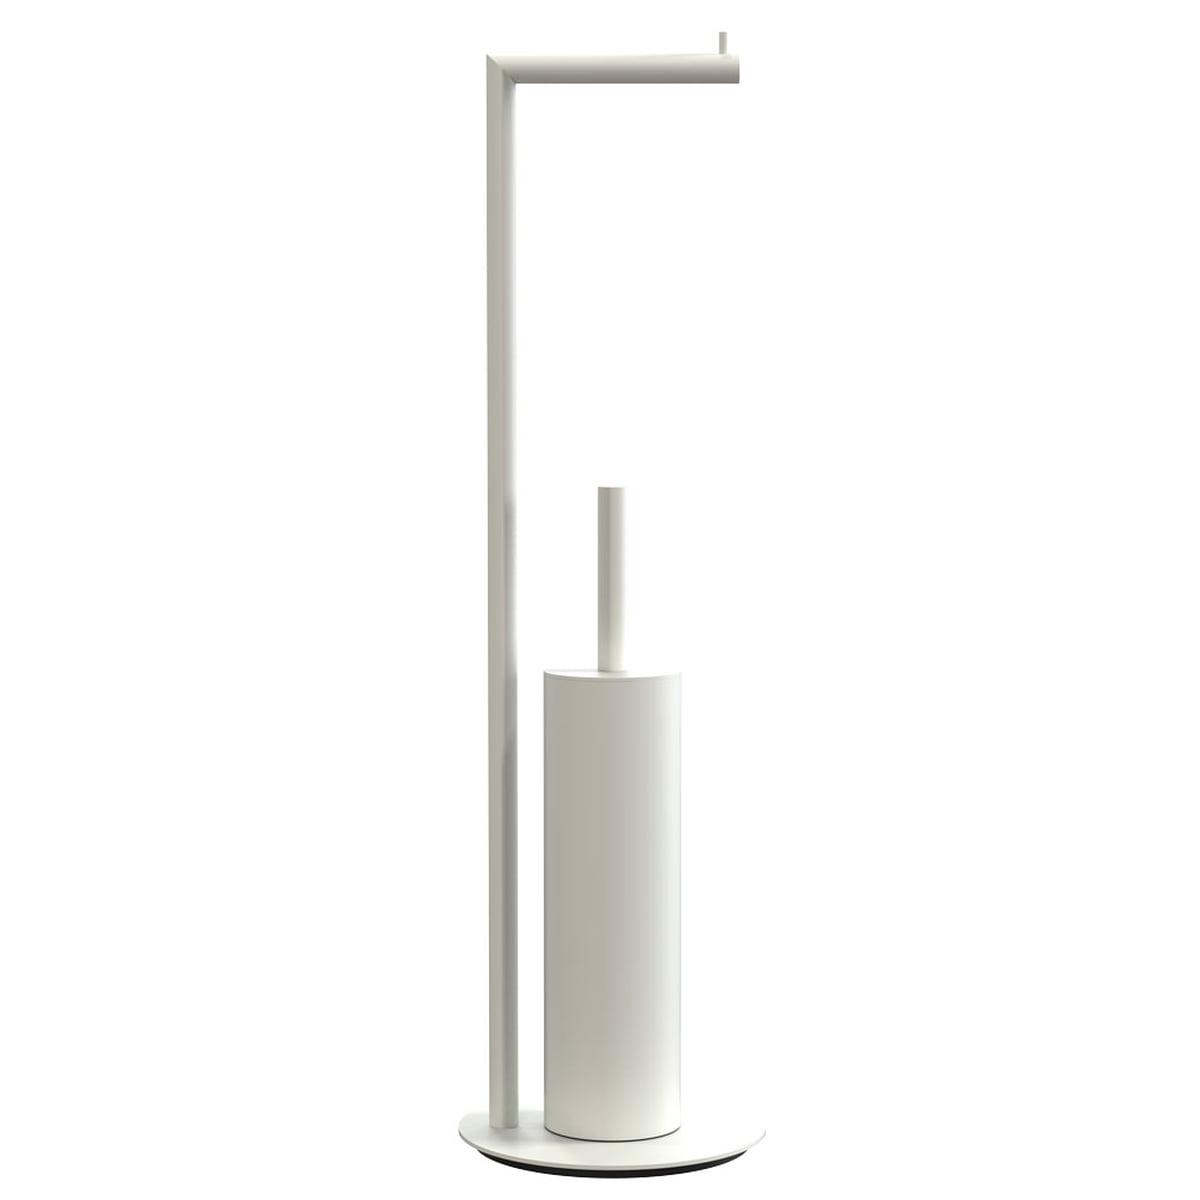 Turbo Nova 2 Toilettenpapierhalter und WC-Bürste von Frost | Connox UG24